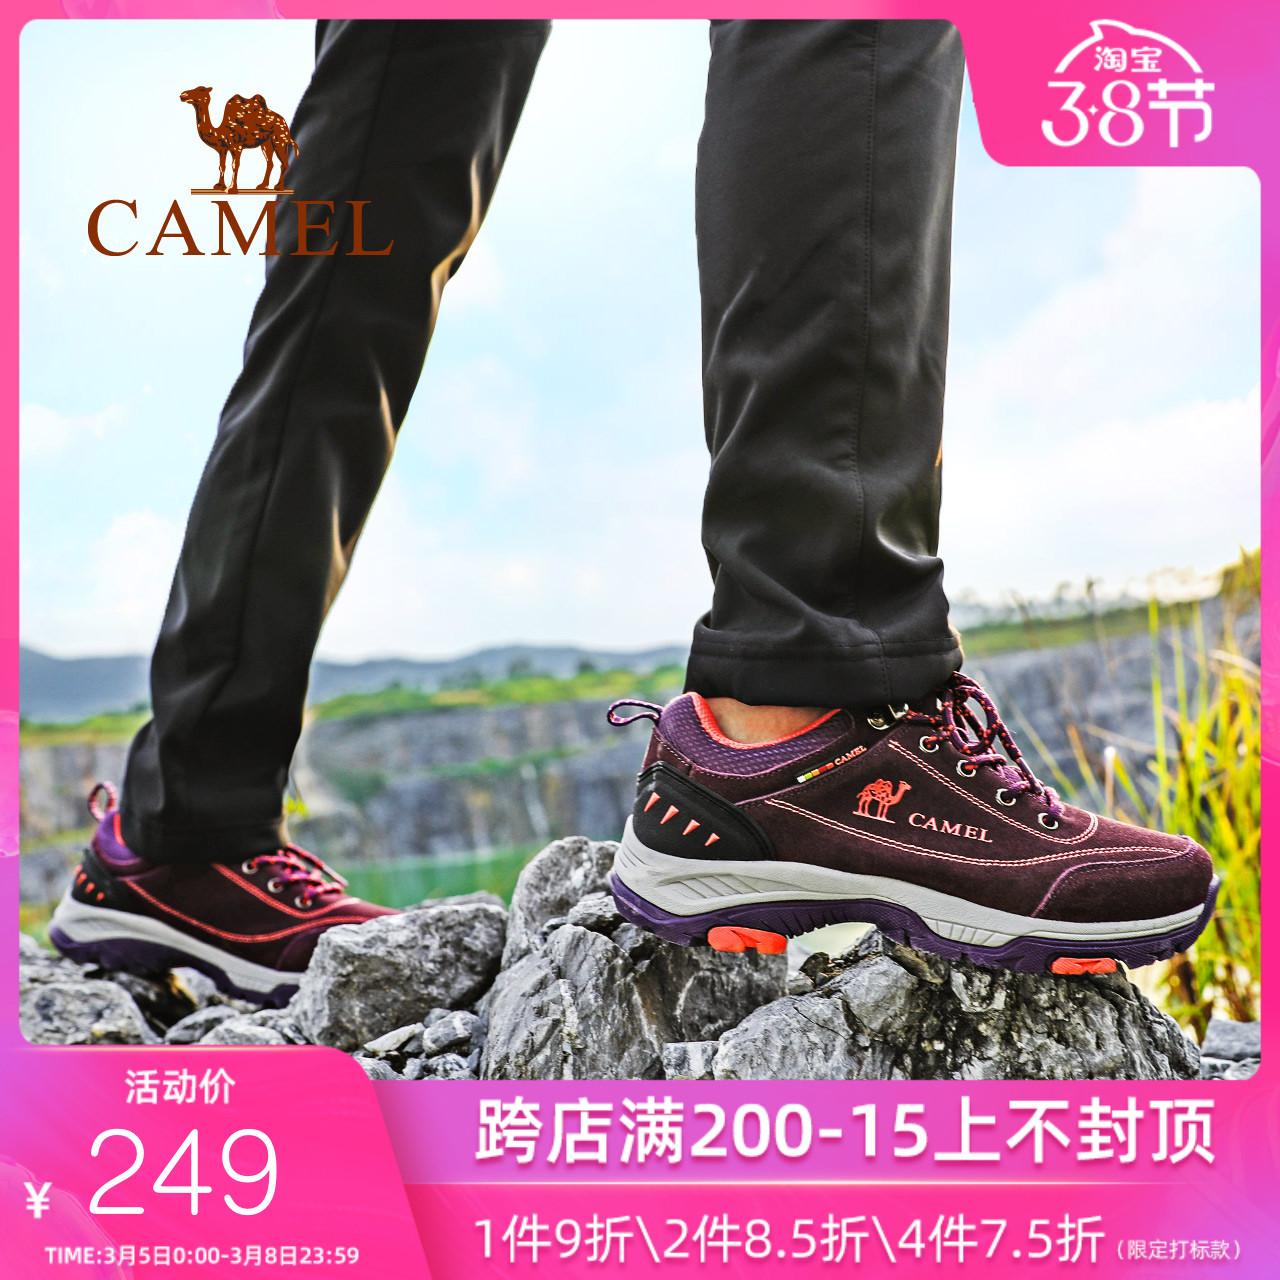 骆驼户外徒步鞋女鞋反绒皮工装鞋休闲透气减震防滑耐磨低帮登山鞋